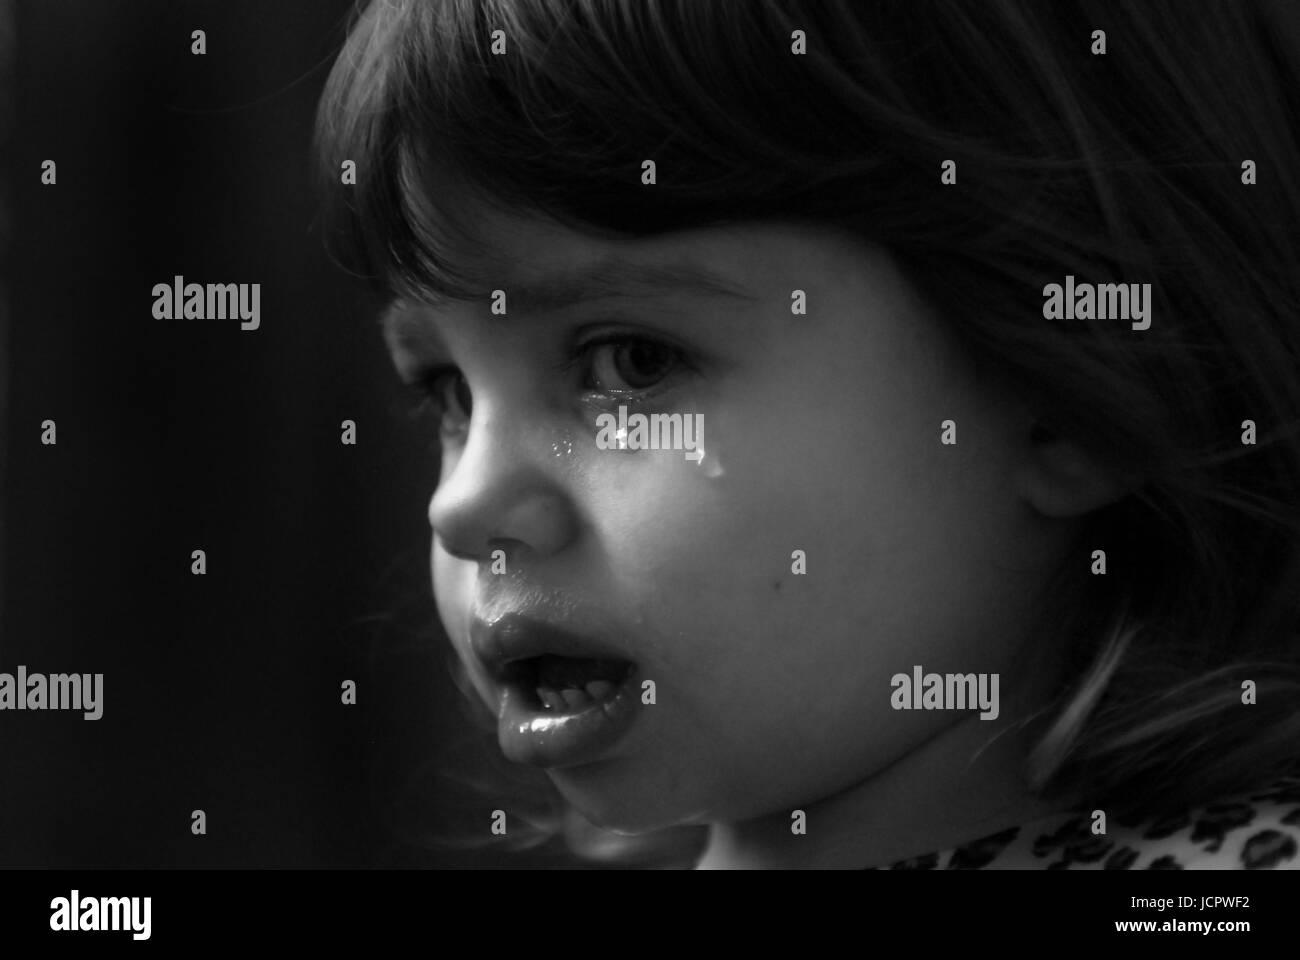 weinendes mädchen schwarz weiß